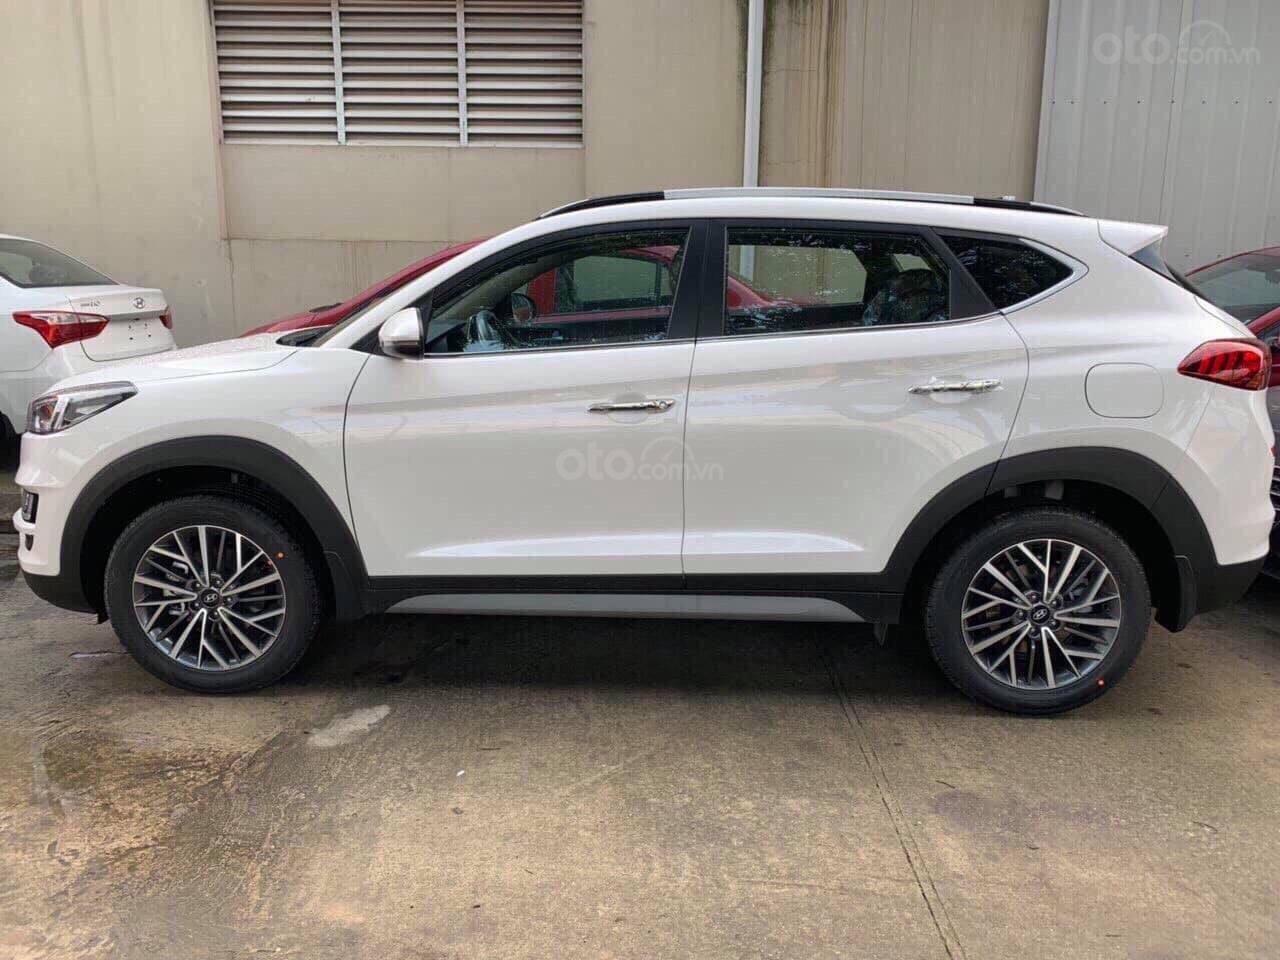 Cần bán xe Tucson 2.0AT đặc biệt 2019, giá 858 triệu đồng (17)